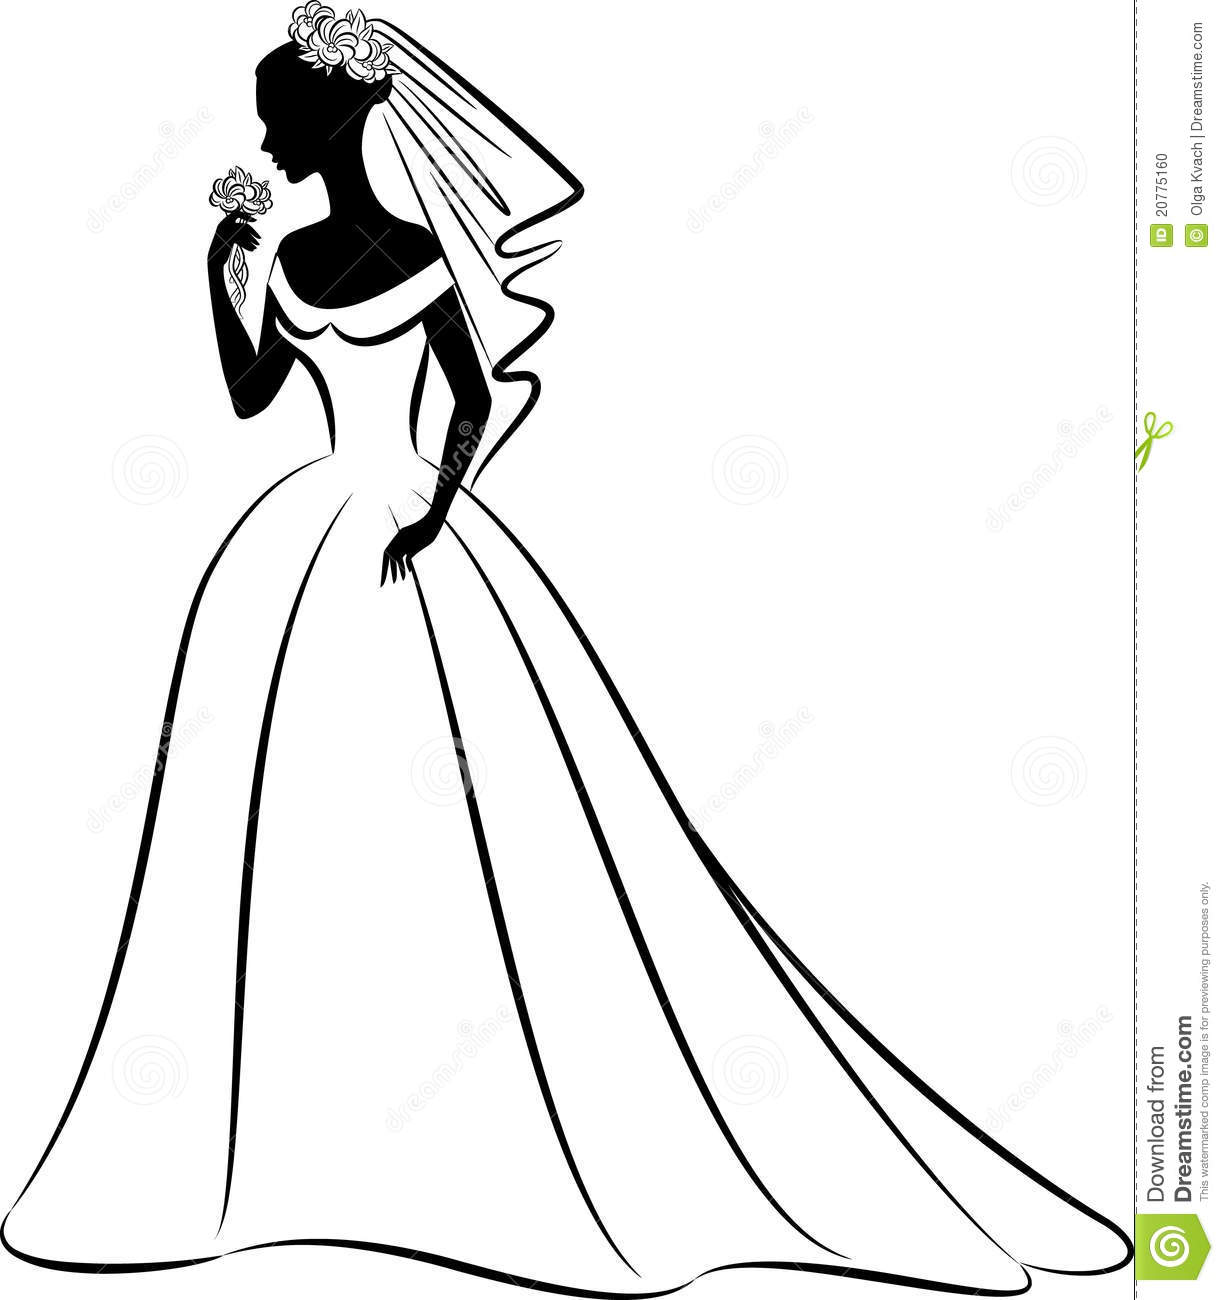 39+ Wedding Dress Clip Art.